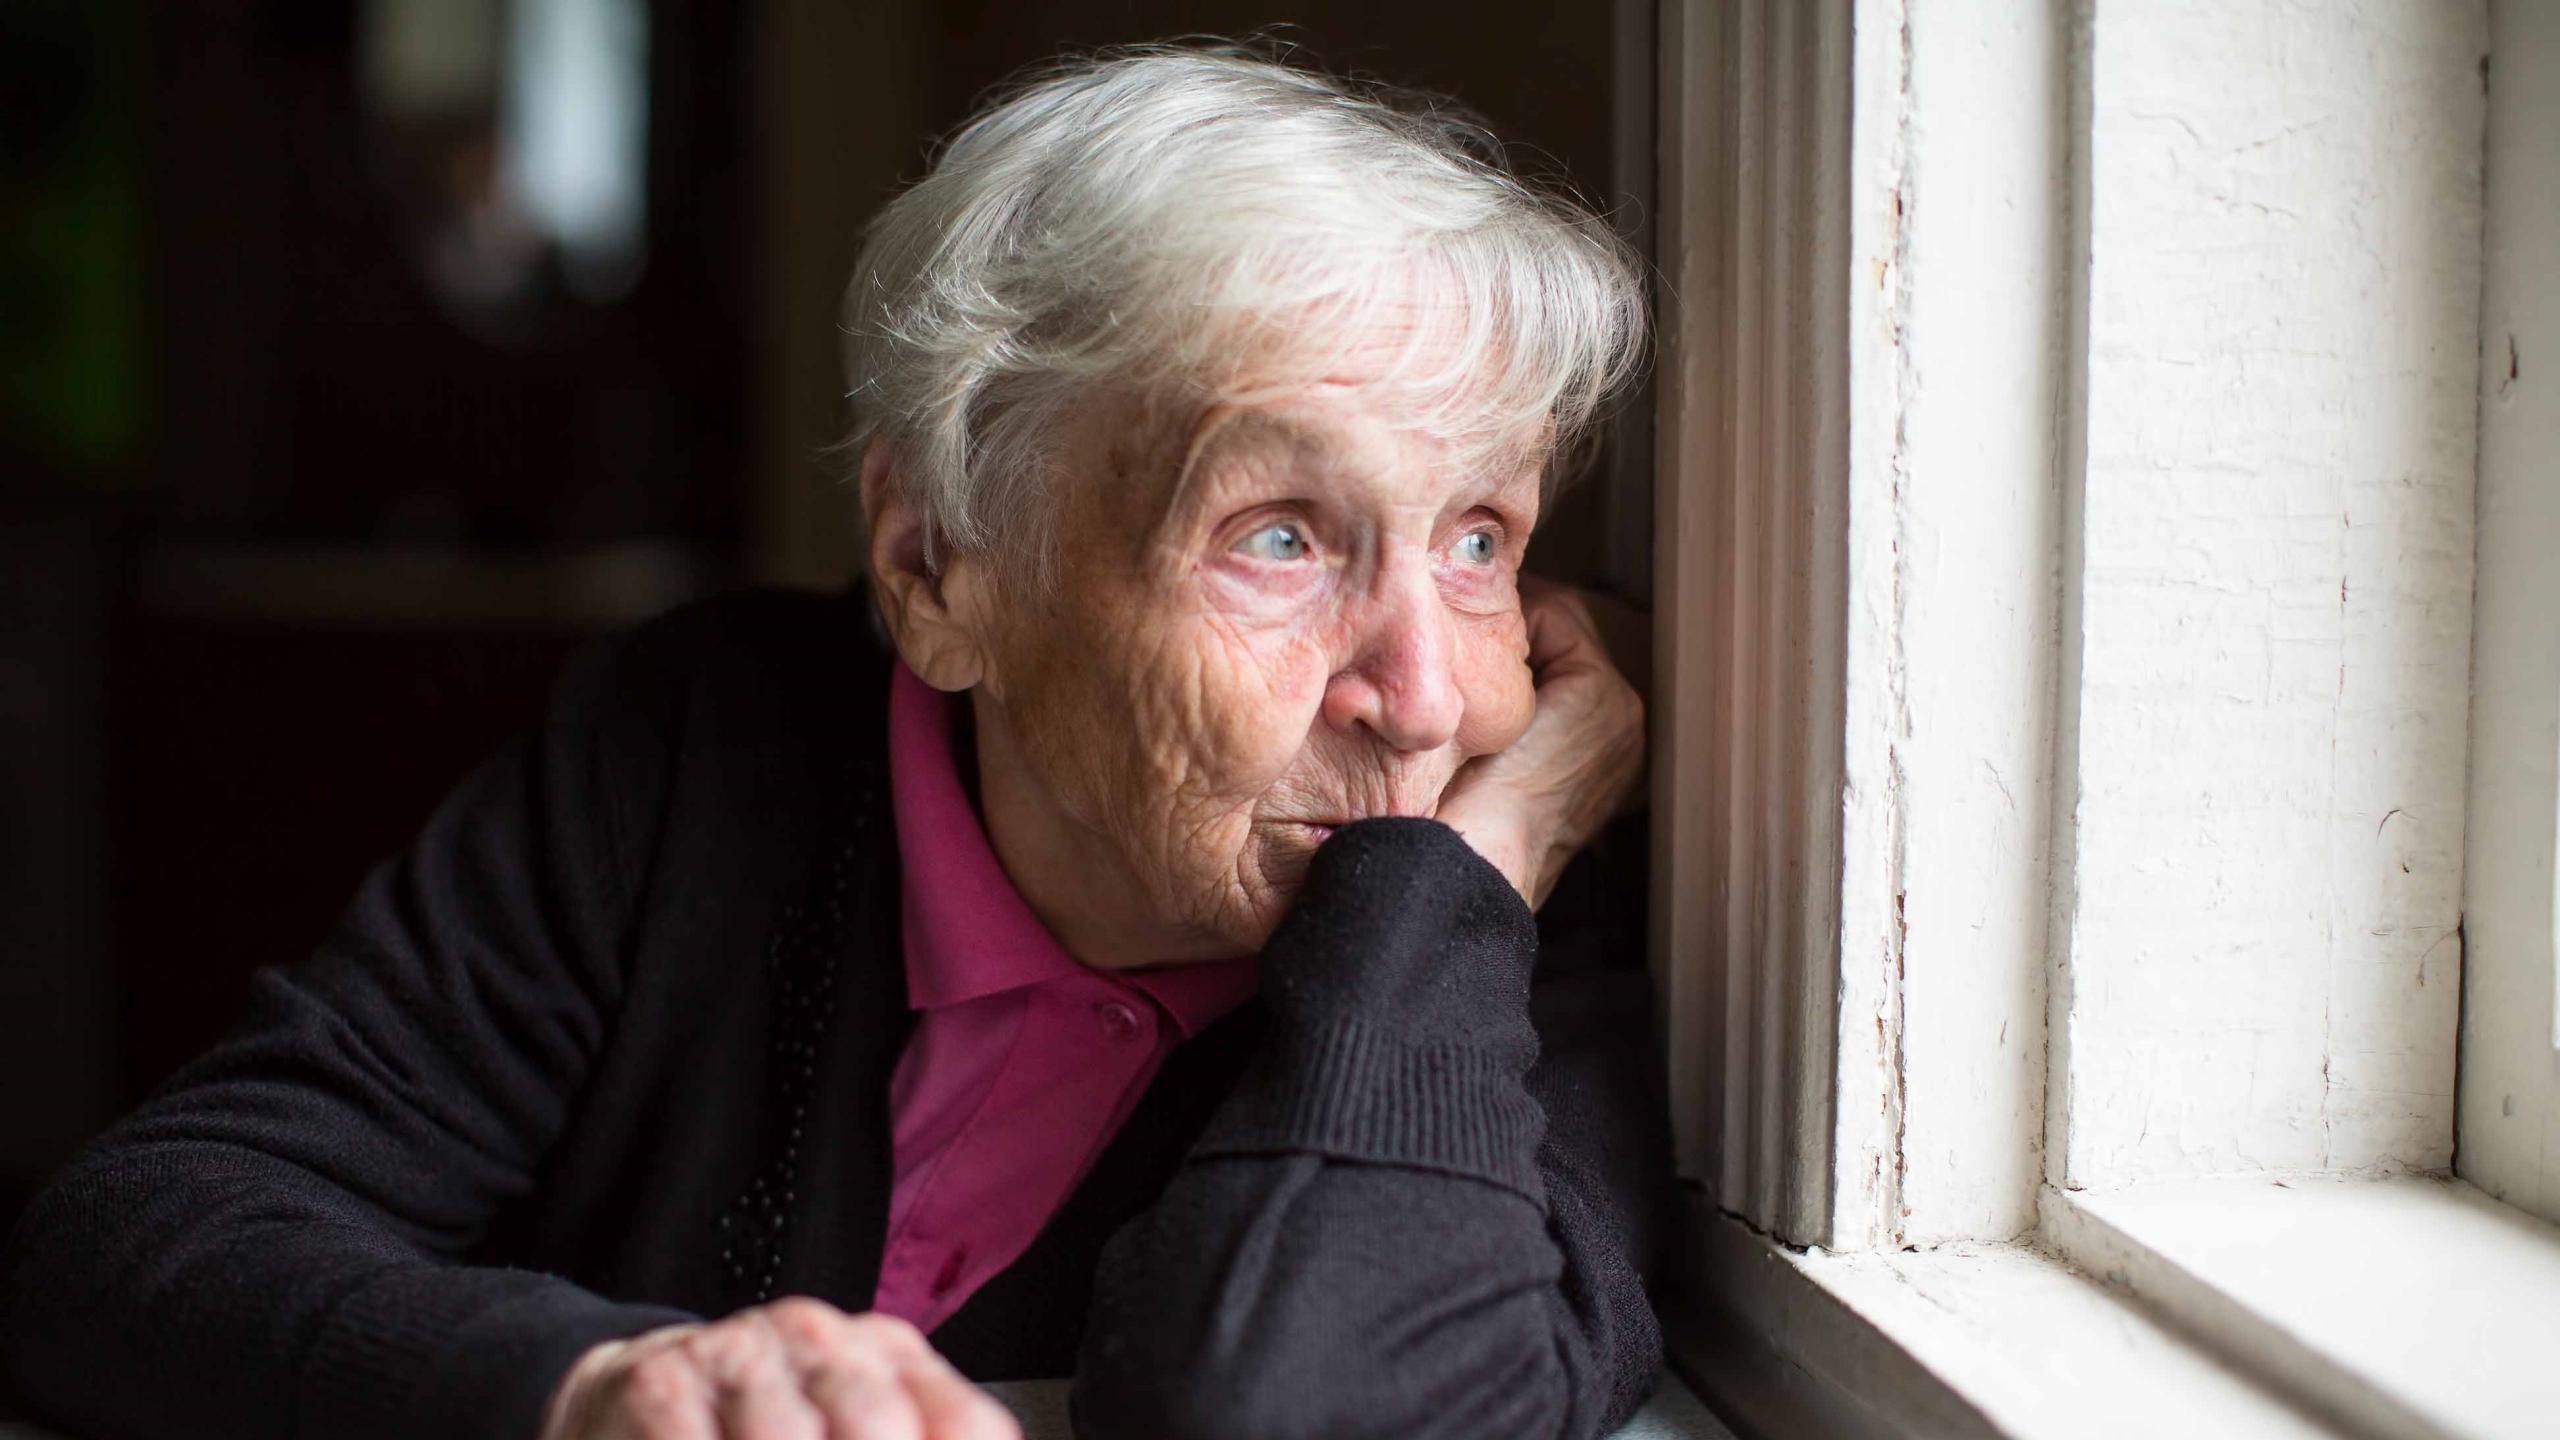 Регулятор врожденного иммунитета стимулирует развитие болезни Альцгеймера